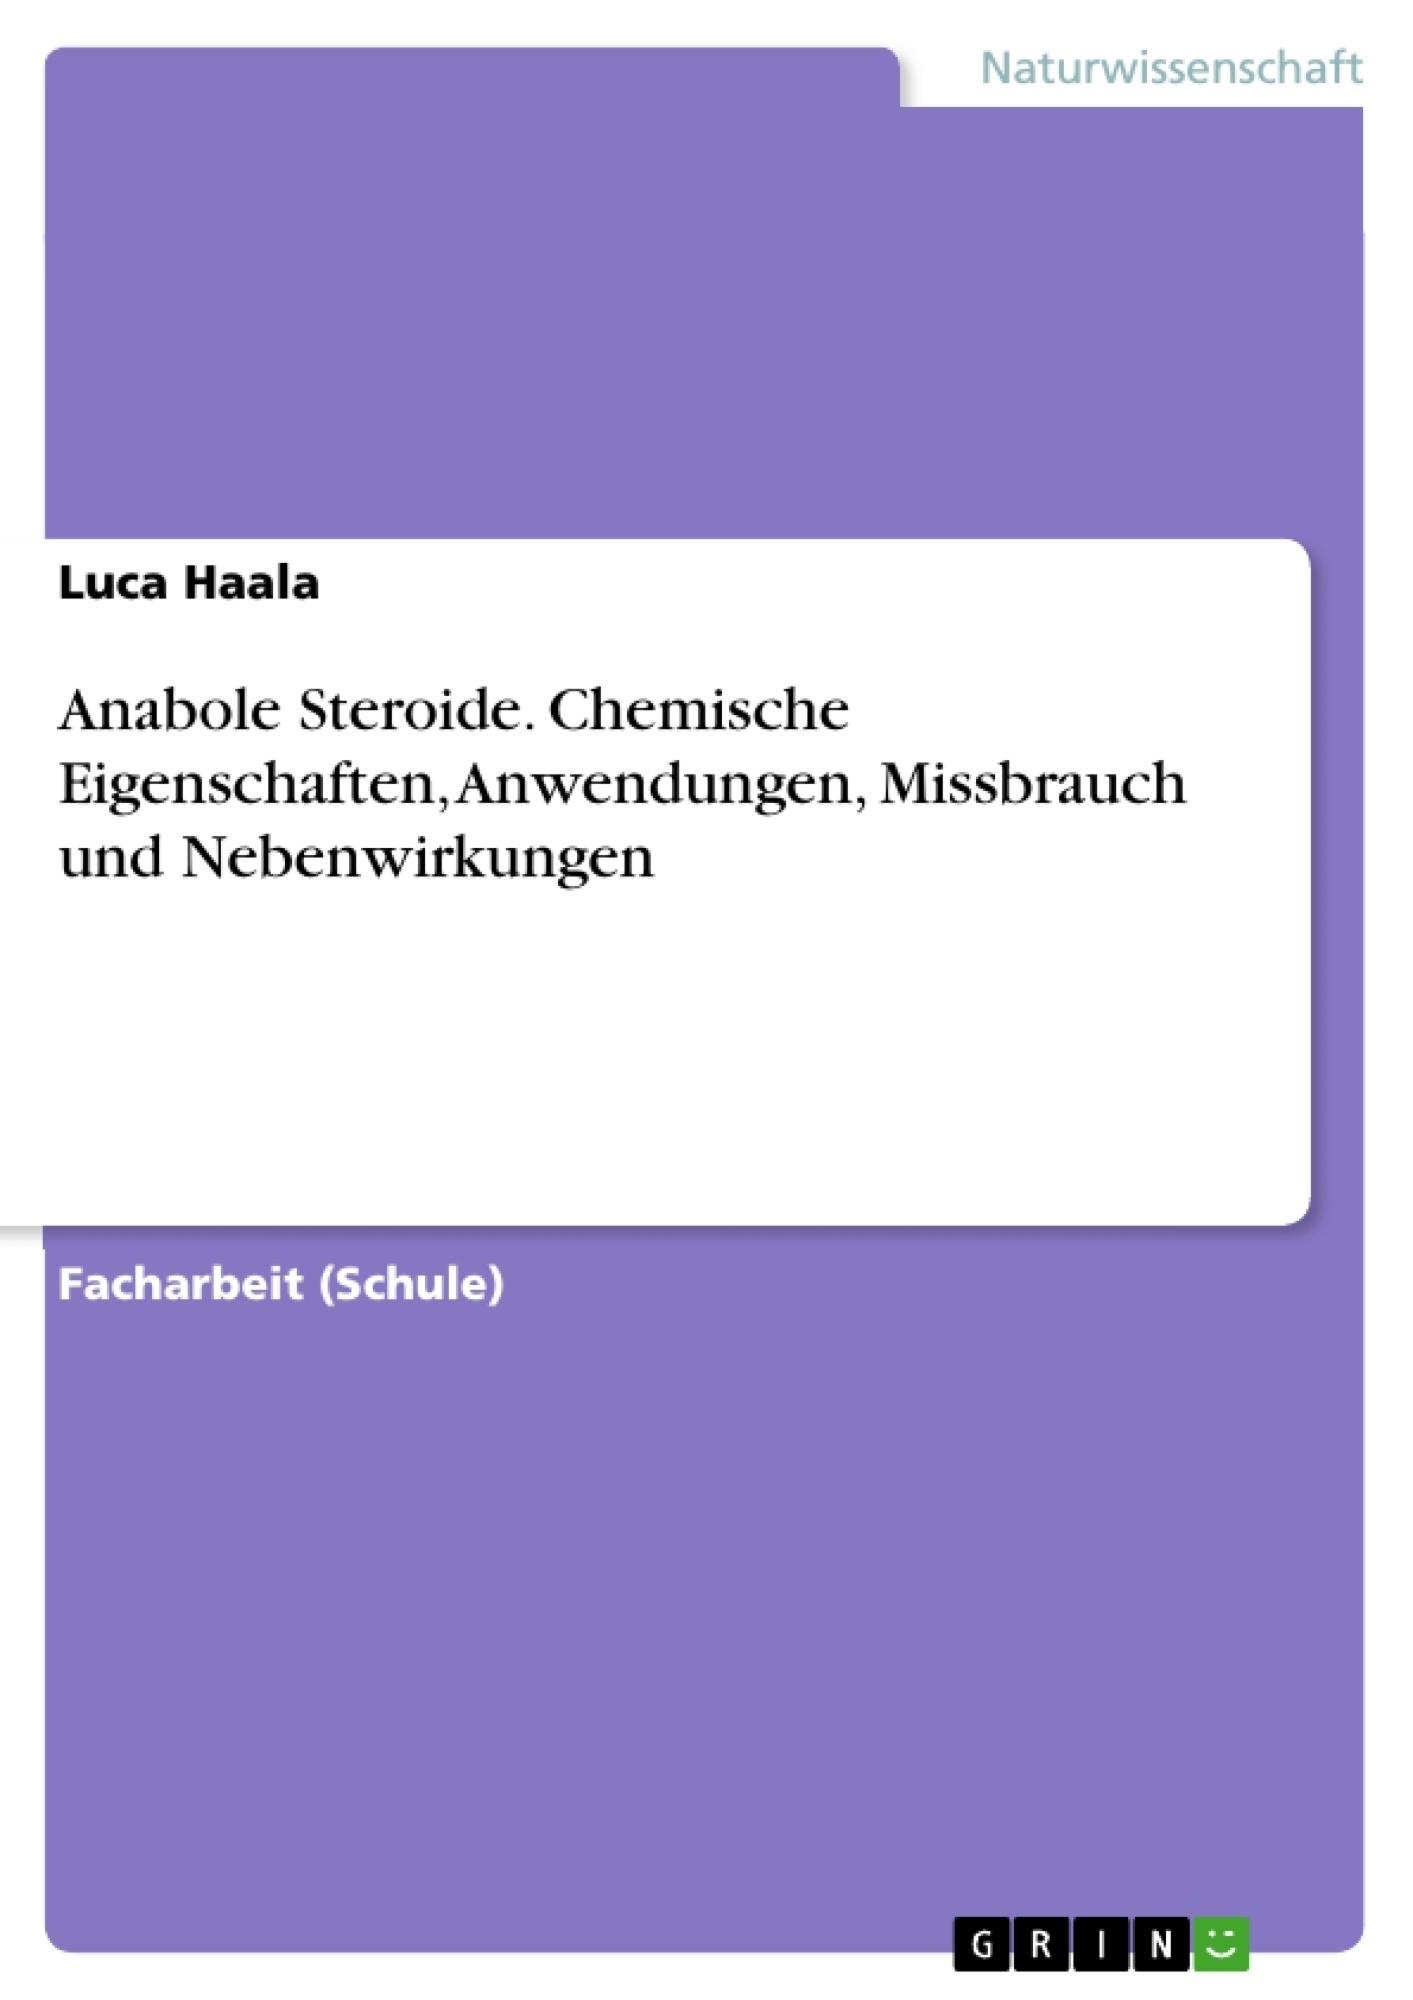 Titel: Anabole Steroide. Chemische Eigenschaften, Anwendungen, Missbrauch und Nebenwirkungen